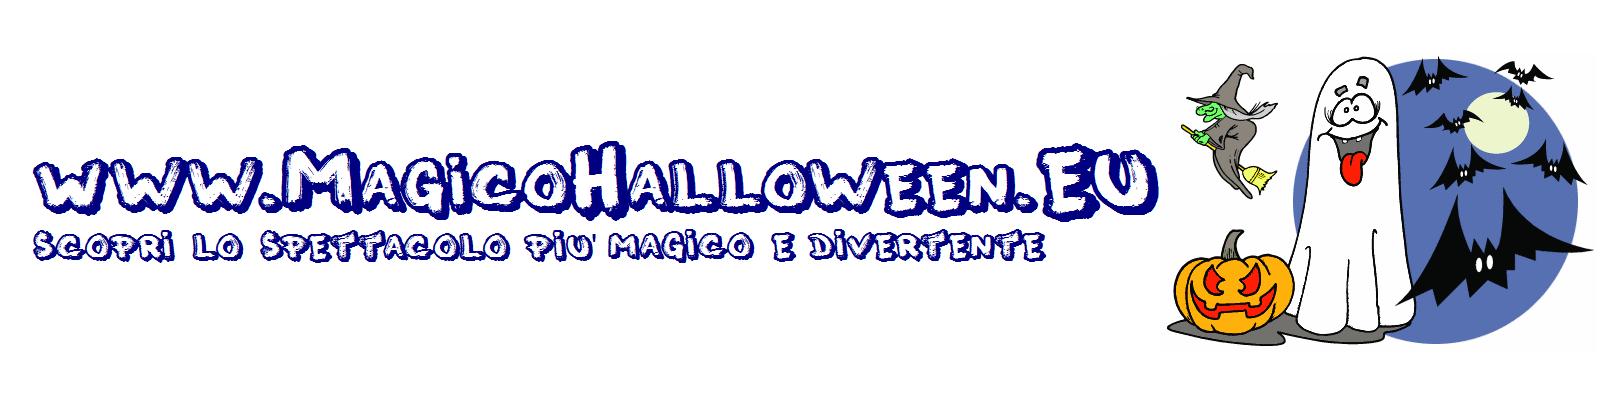 magicohalloween2